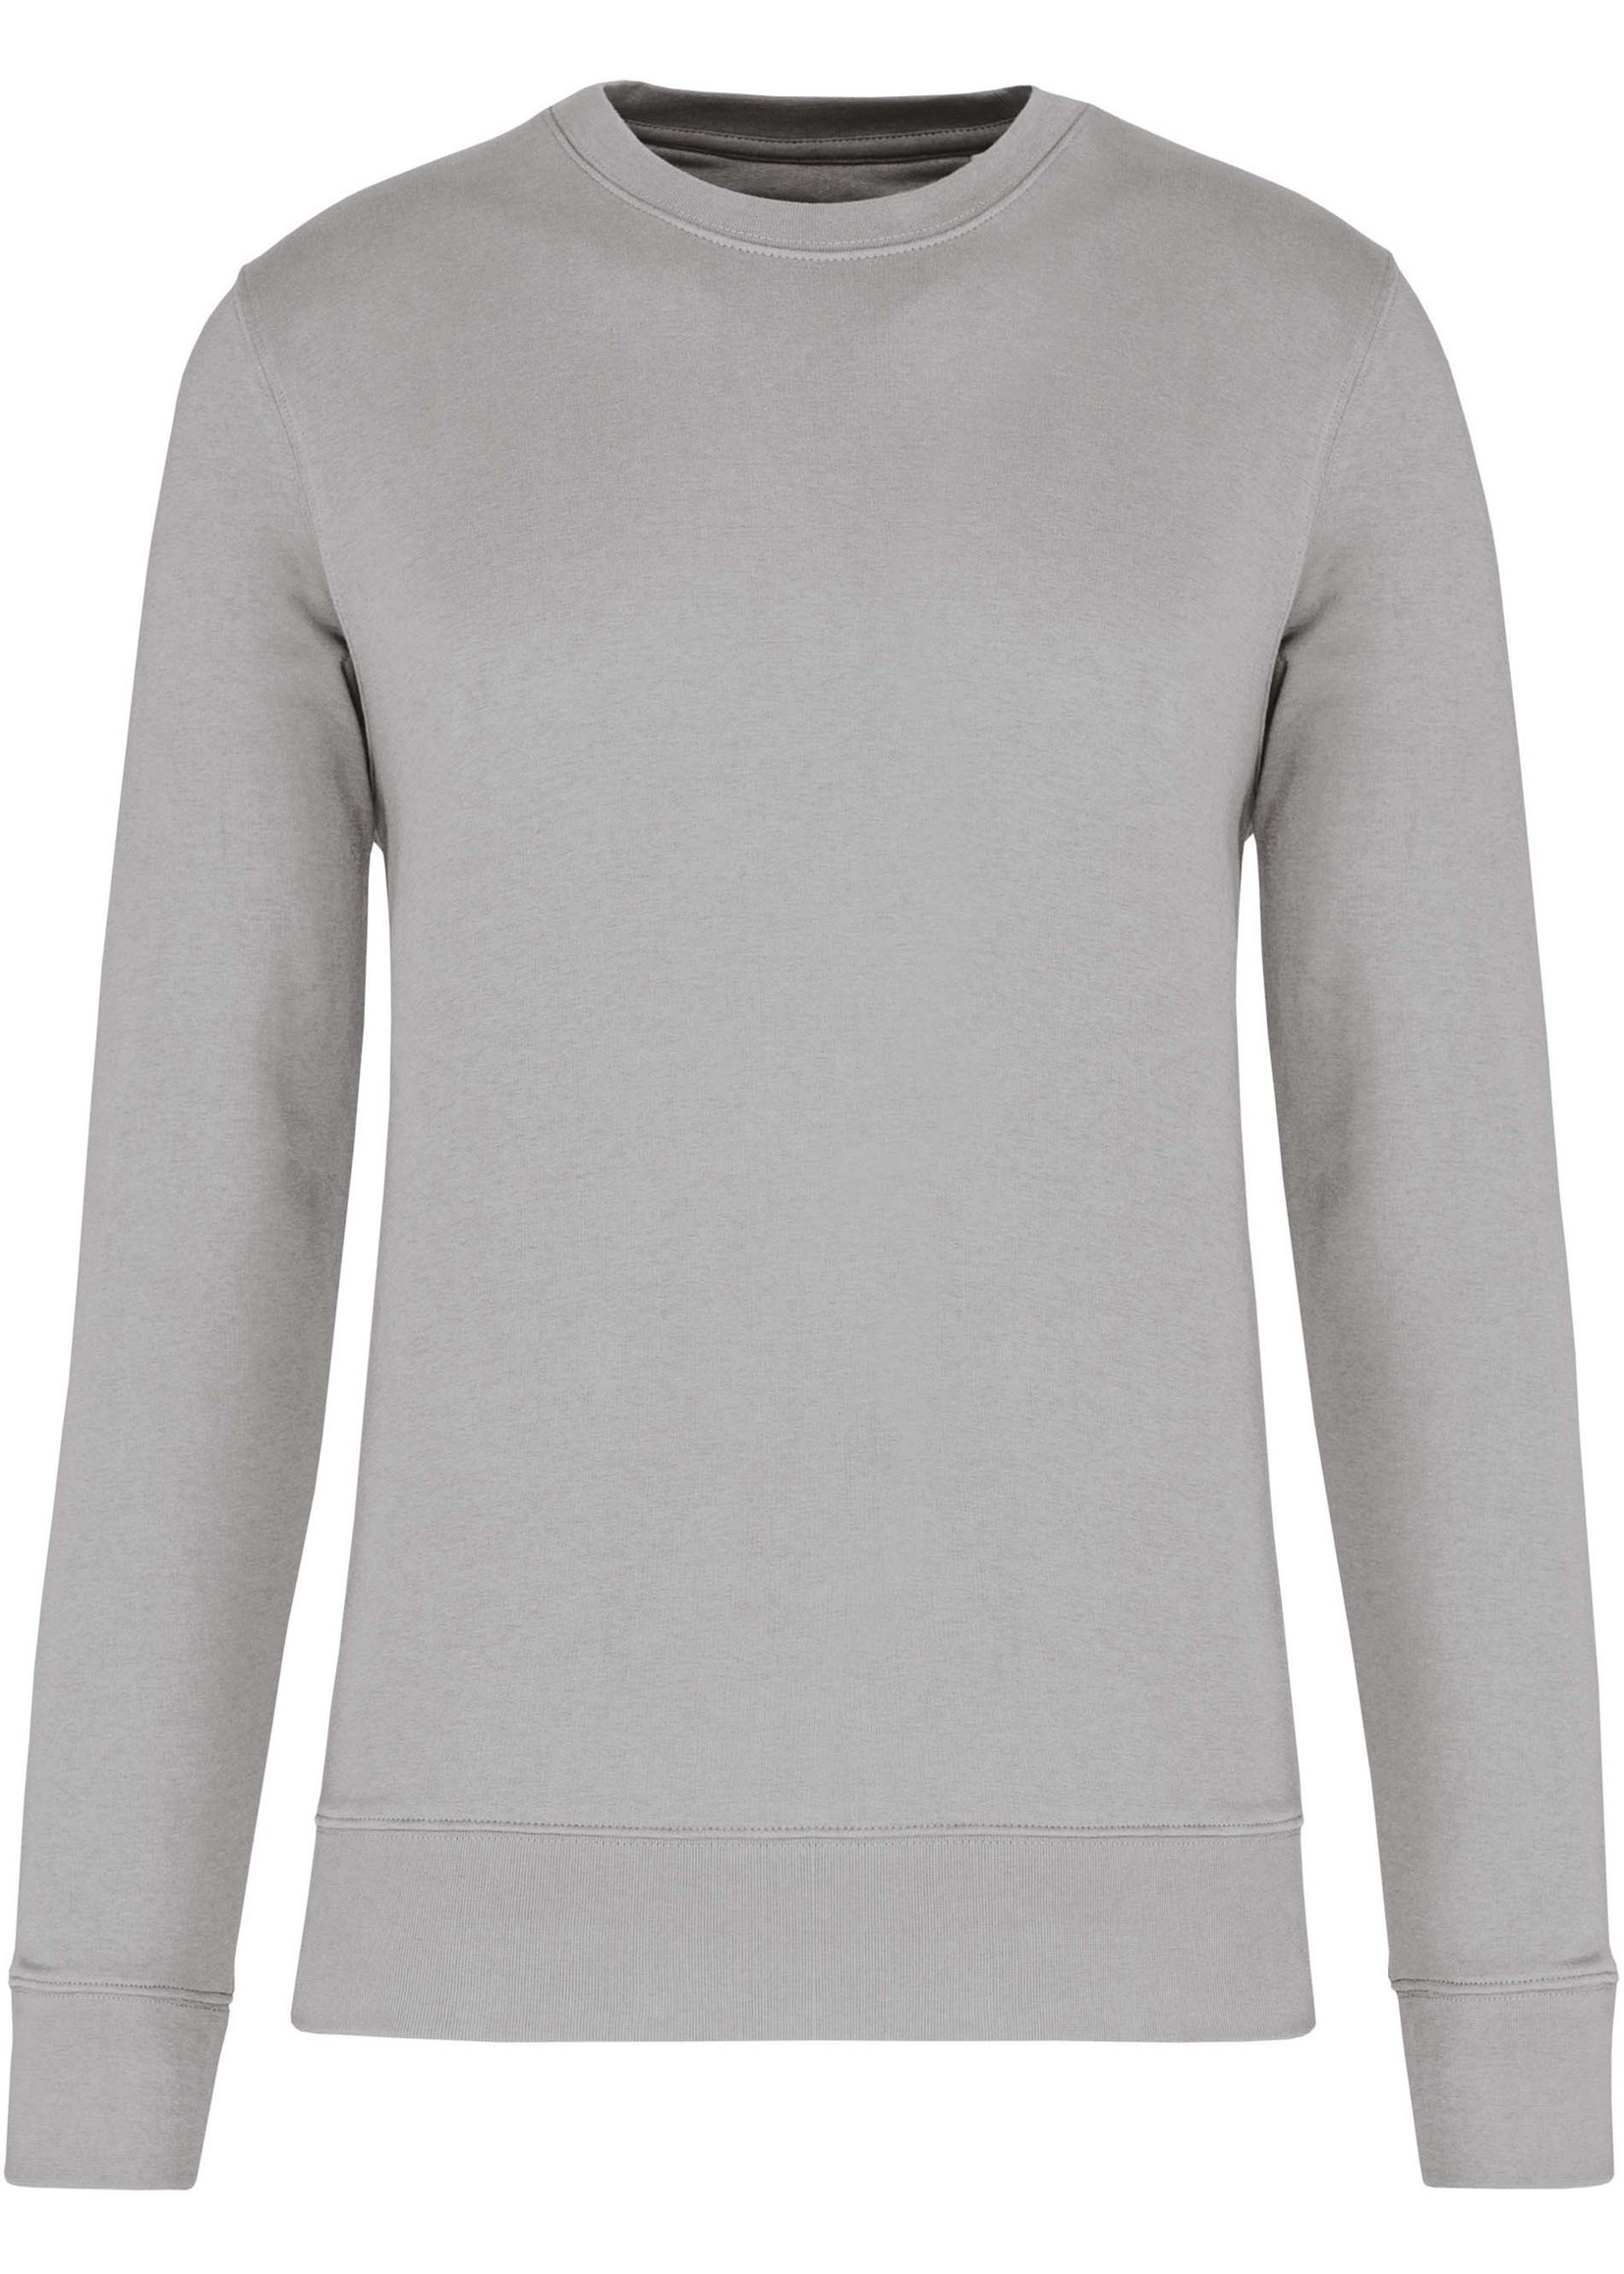 Eco-Friendly Sweater UNI Snow Grey